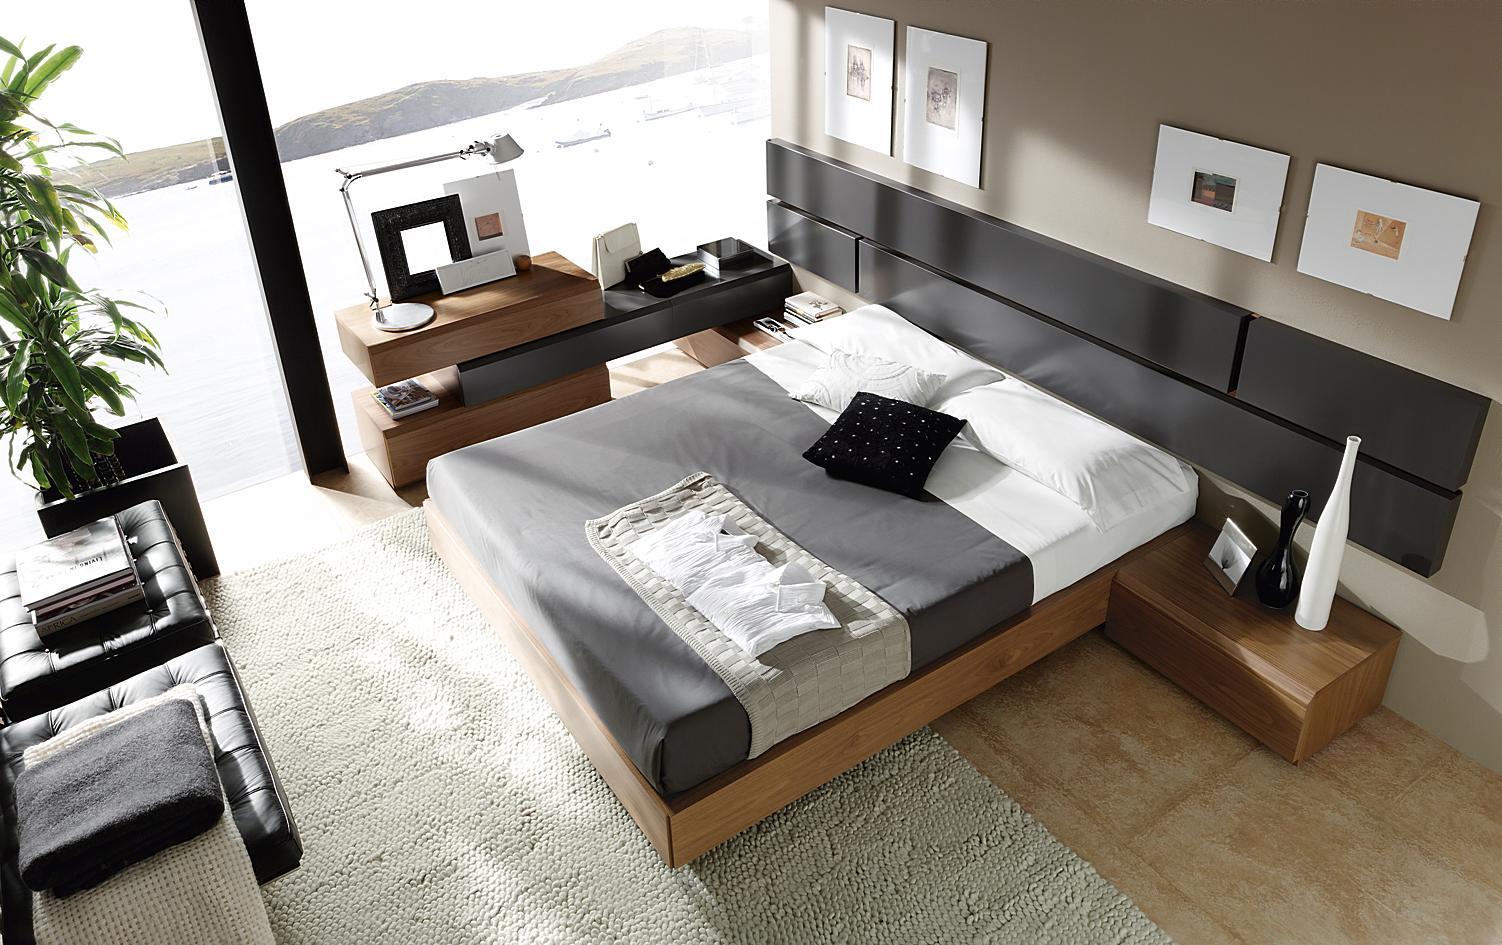 Life dormitorio by garc a sabat muebles anto n - Muebles garcia sabate ...